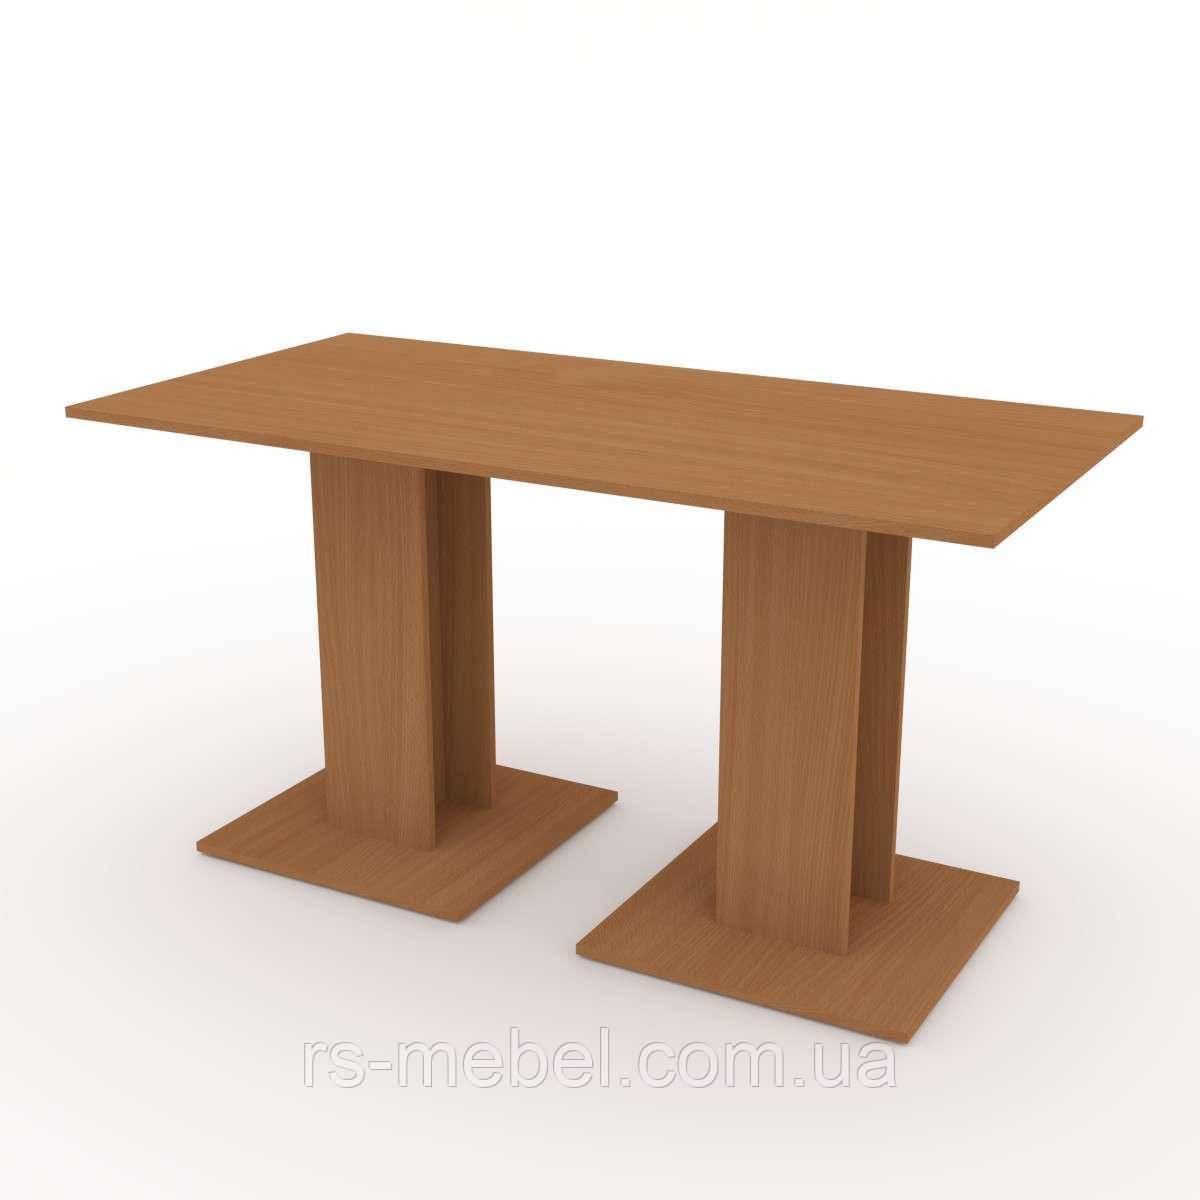 Стол кухонный КС-8 (Компанит)